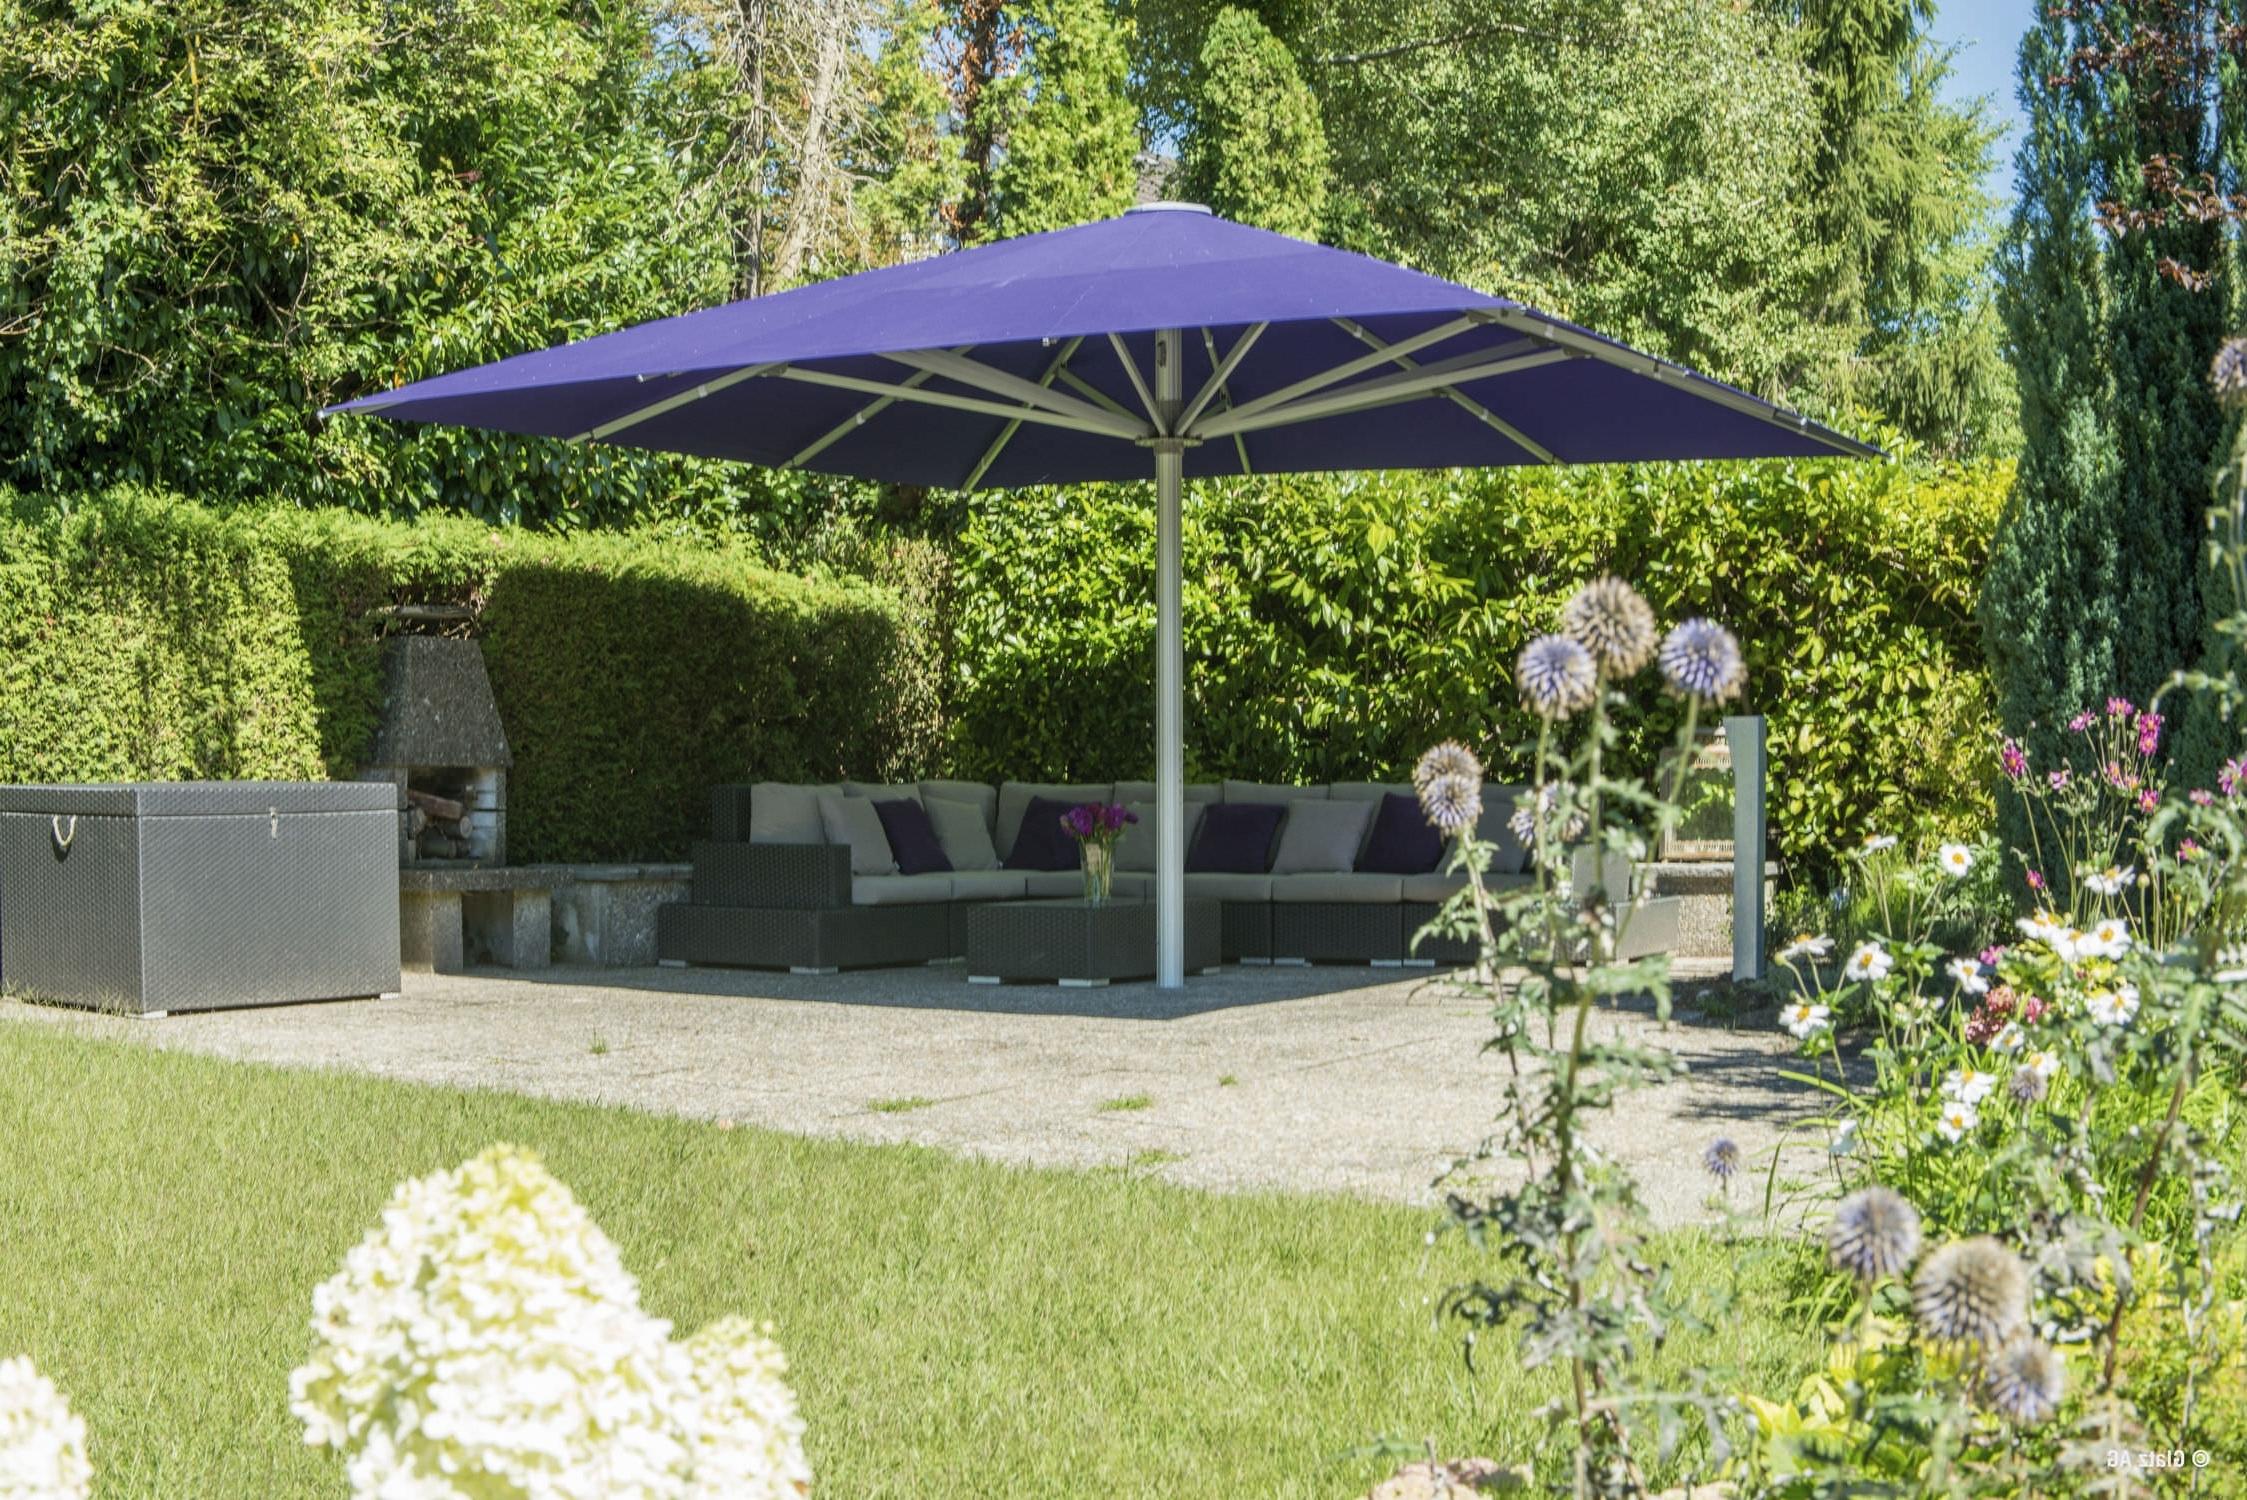 Wind Resistant Patio Umbrellas For Current High Wind Patio Umbrellas • Patio Ideas (View 4 of 20)